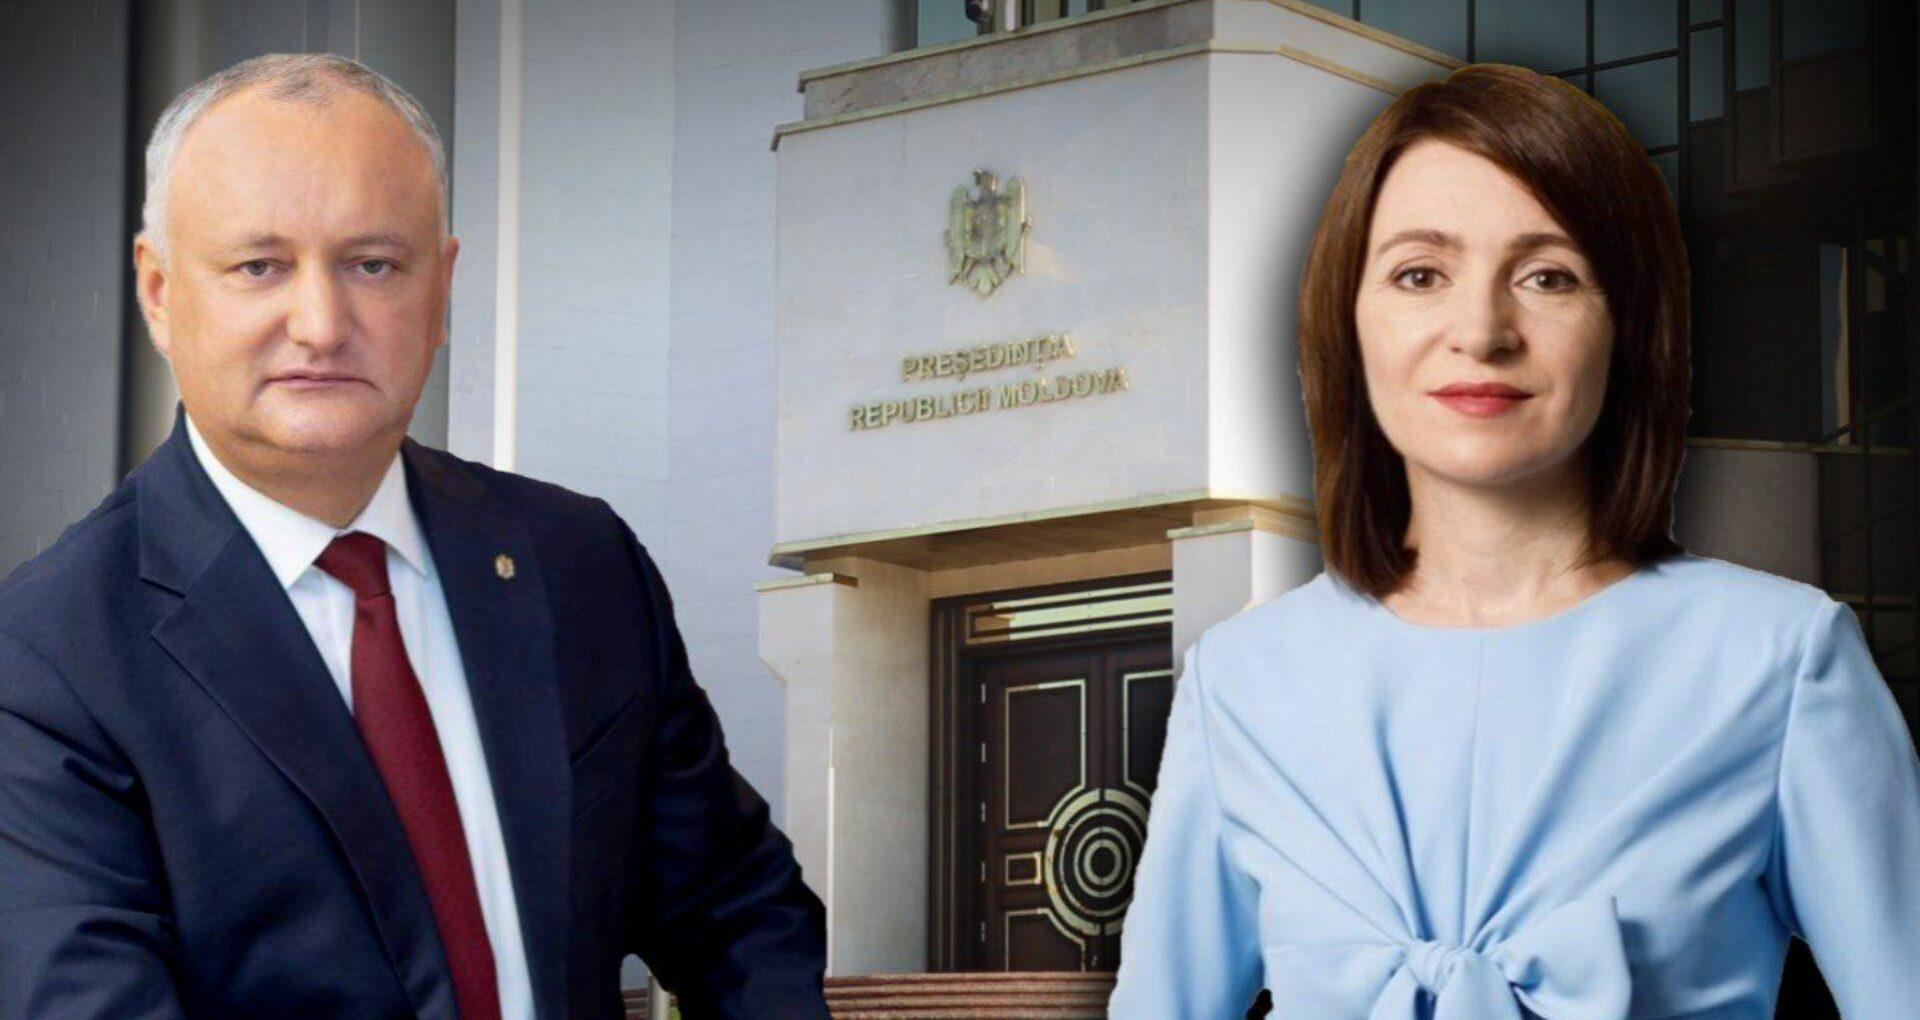 """În timp ce Igor Dodon declara că Maiei Sandu îi este """"frică"""" să meargă la dezbateri, s-a discutat despre ziua și ora întrunirii"""